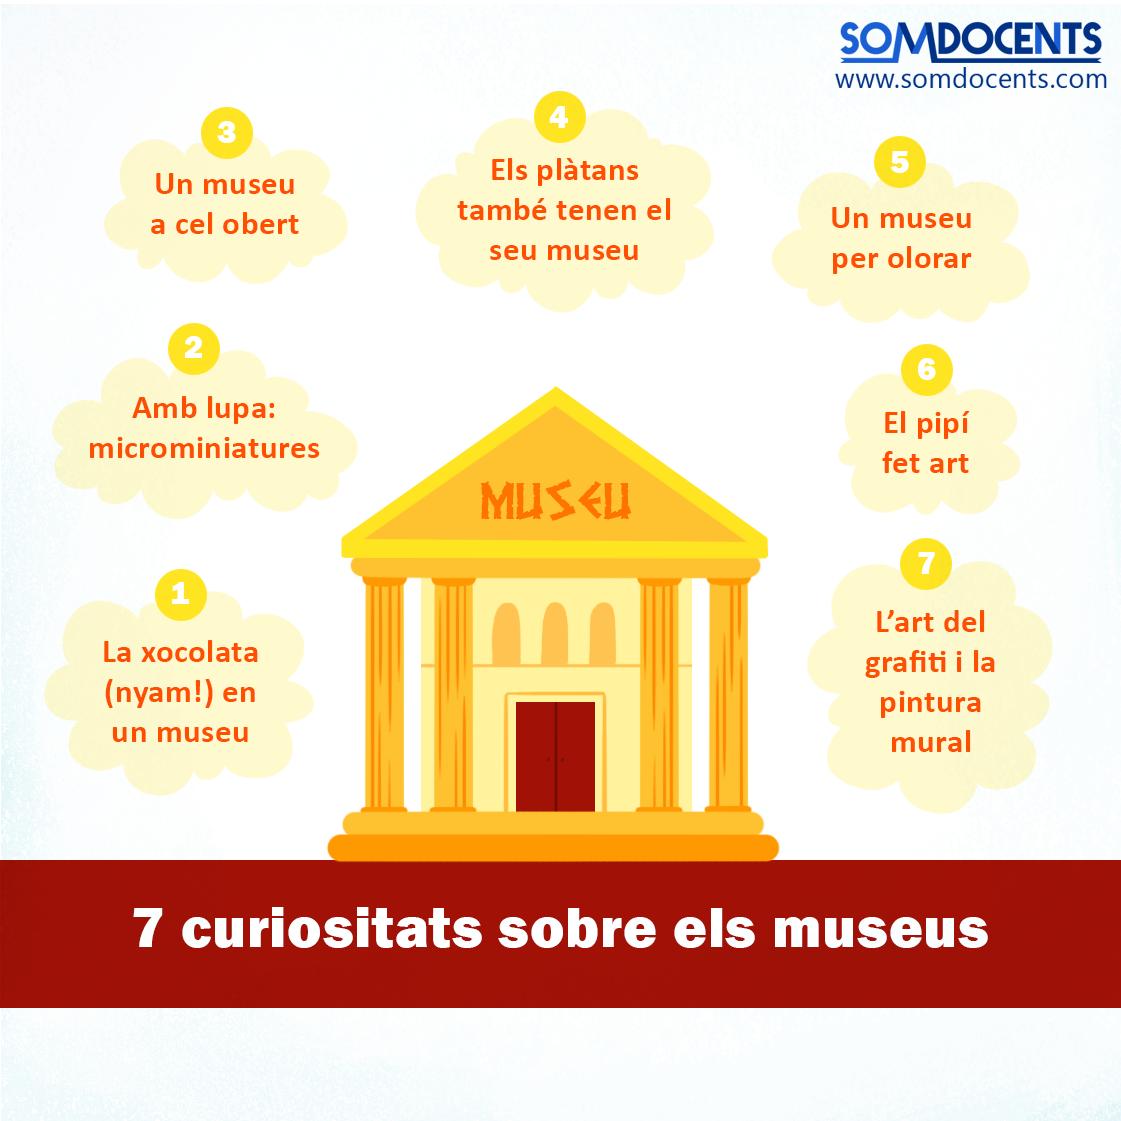 somdocents-7-curiositats-dels-museus